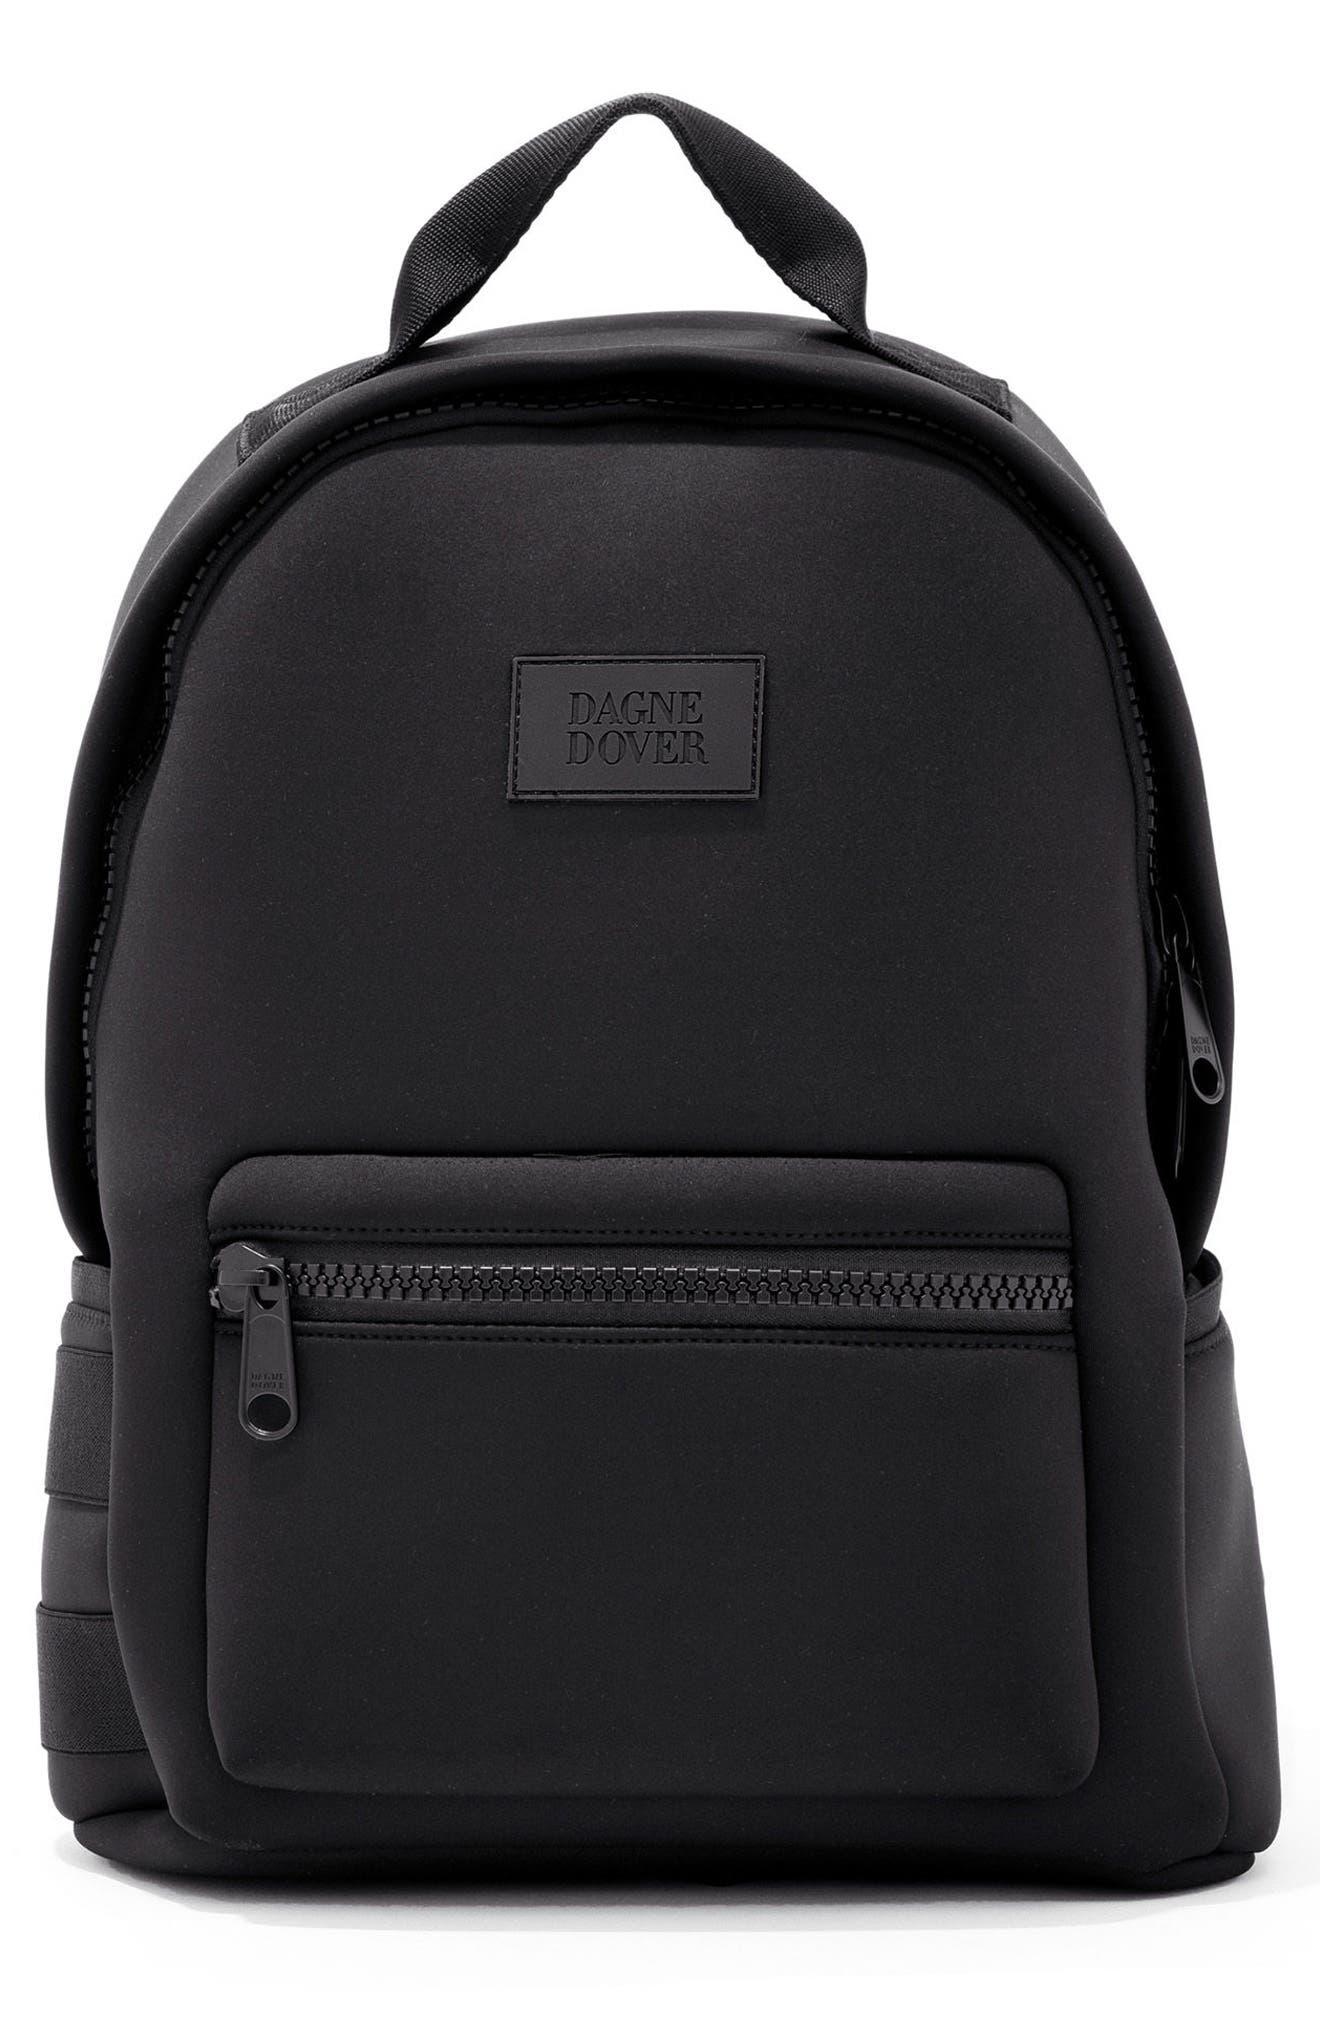 Alternate Image 1 Selected - Dagne Dover Dakota Neoprene Backpack